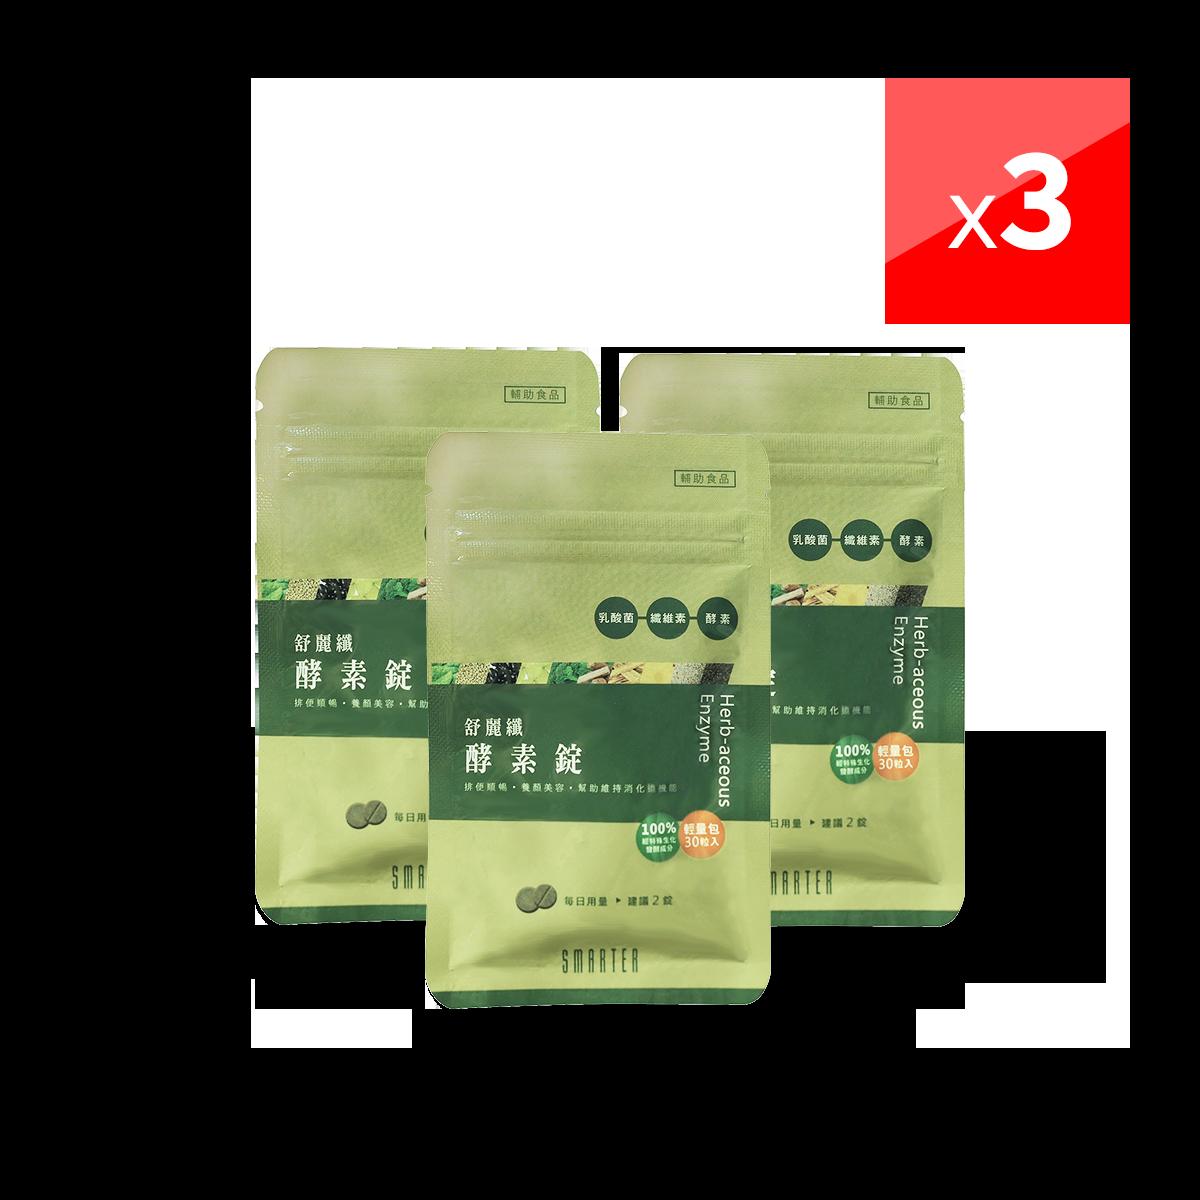 舒麗纖酵素錠/隨身包-3入組